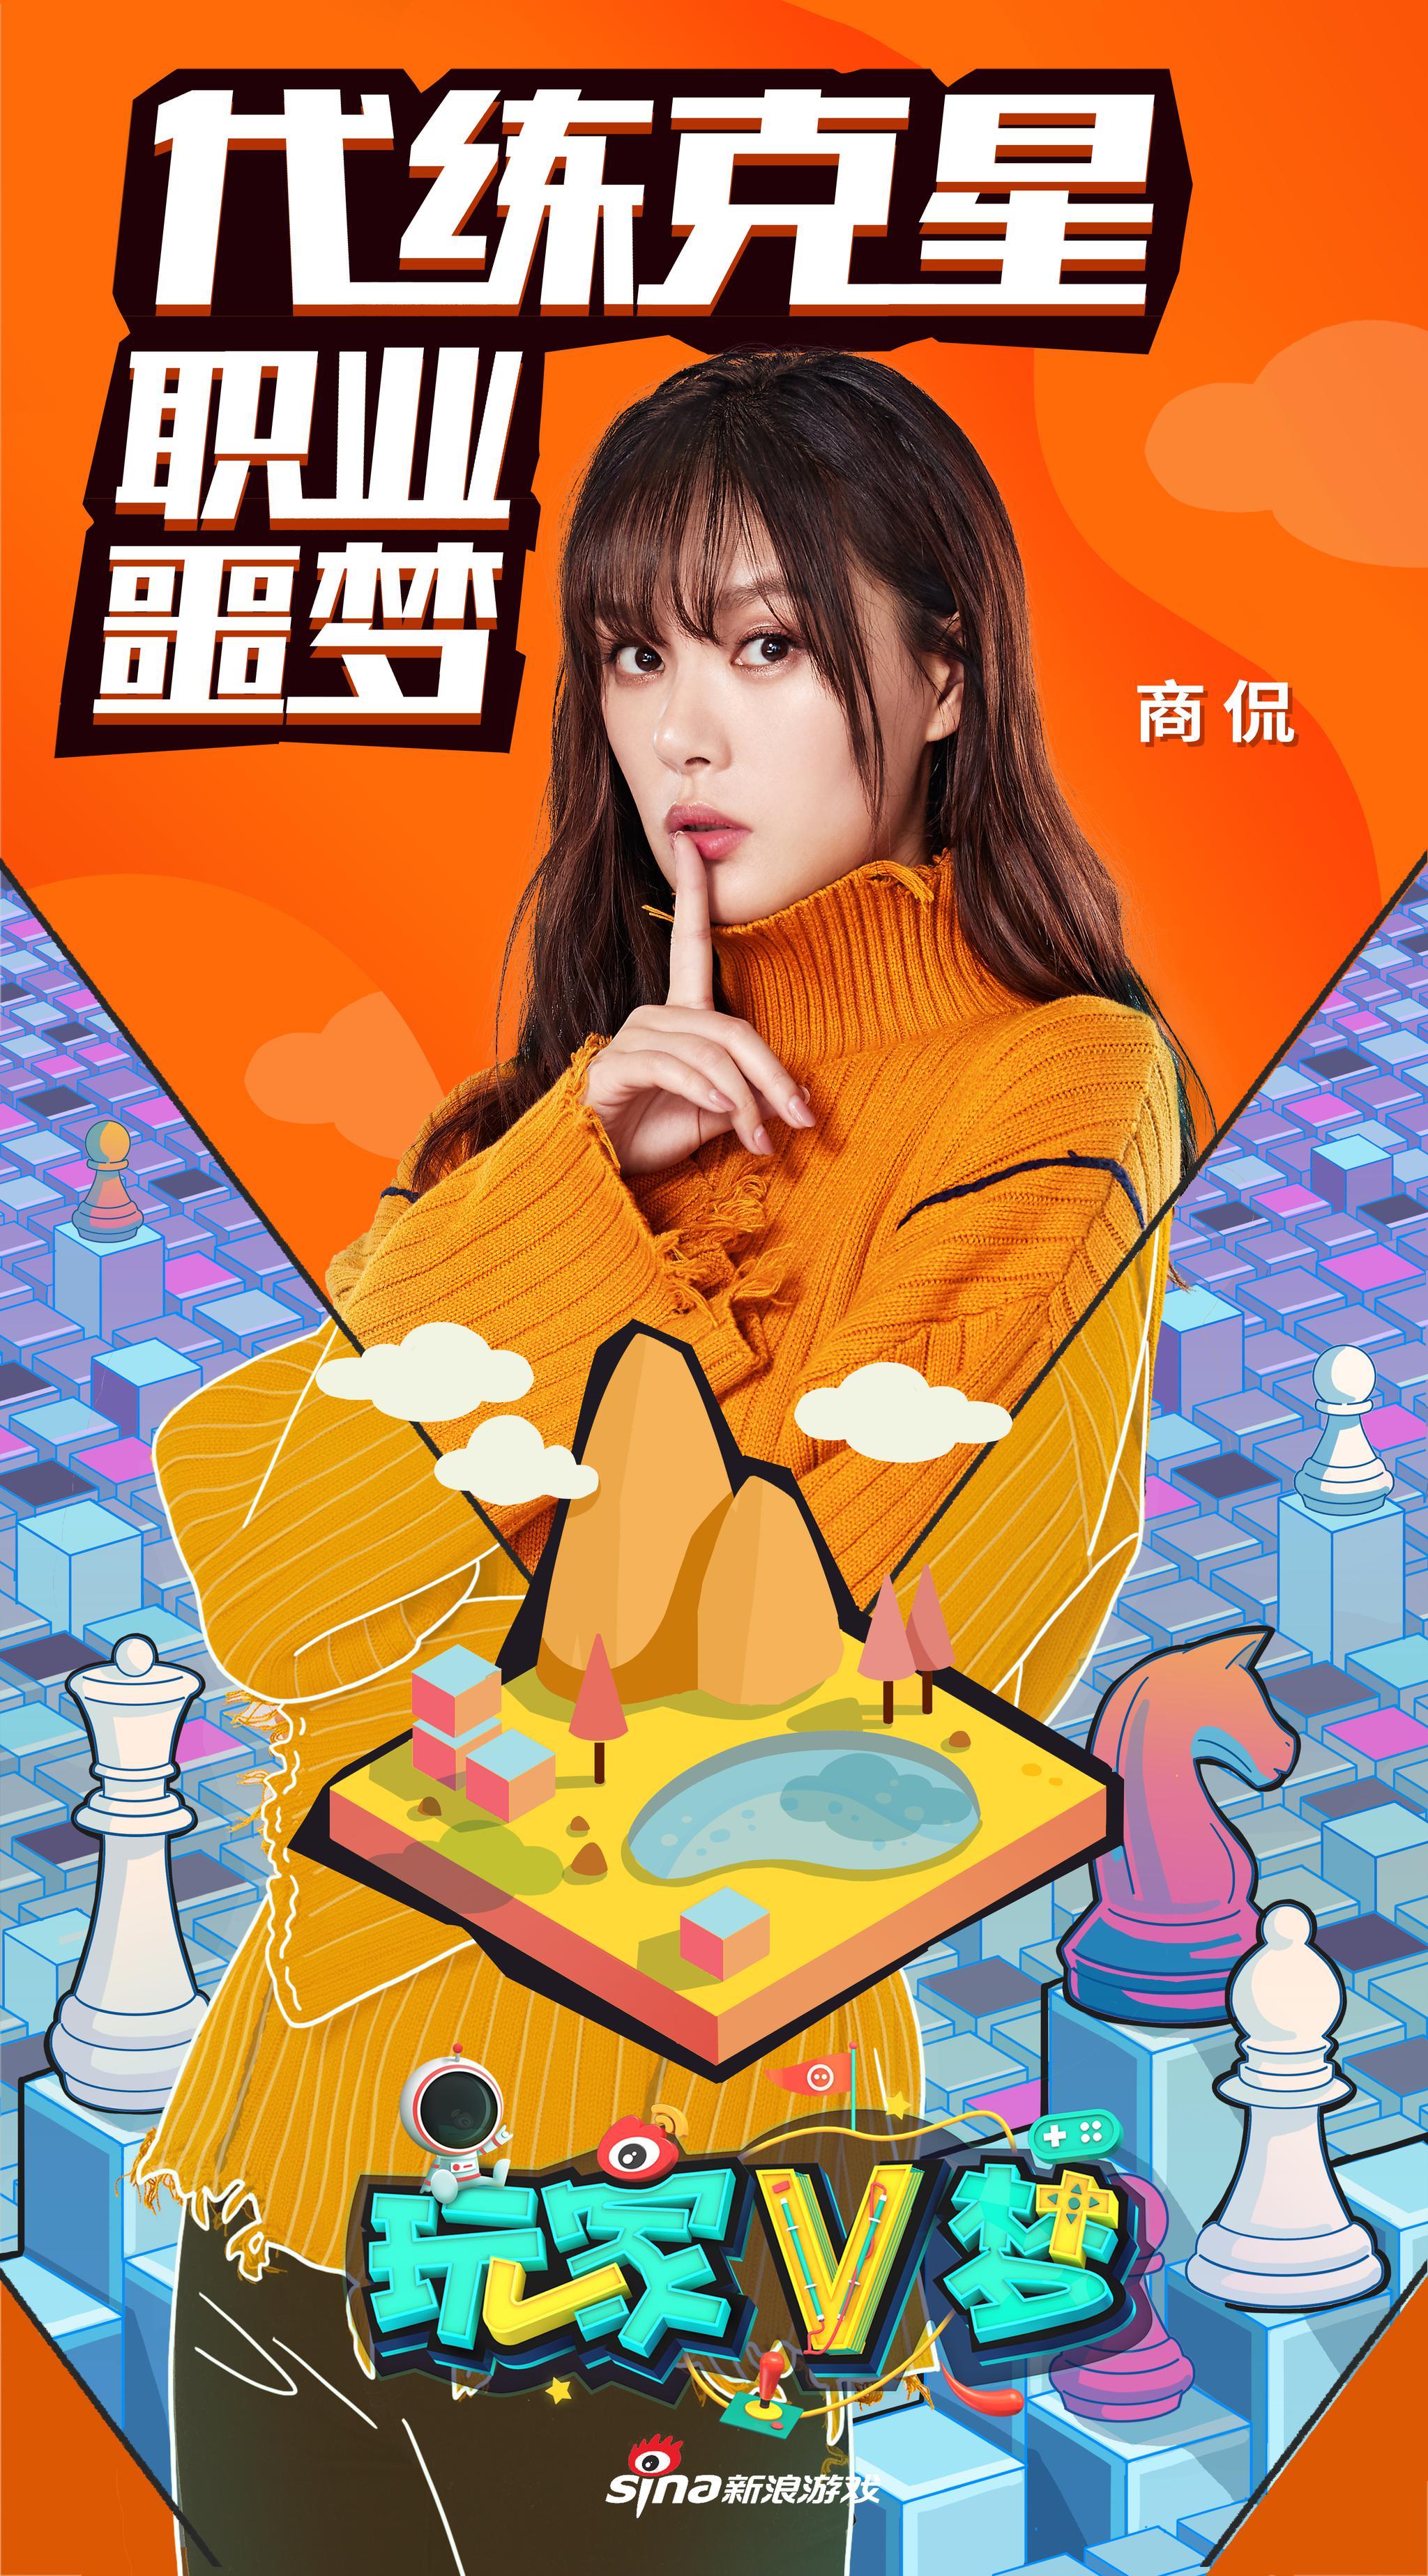 微博首档挑战综艺《玩家V梦》最新爆料 商侃 葛布加盟